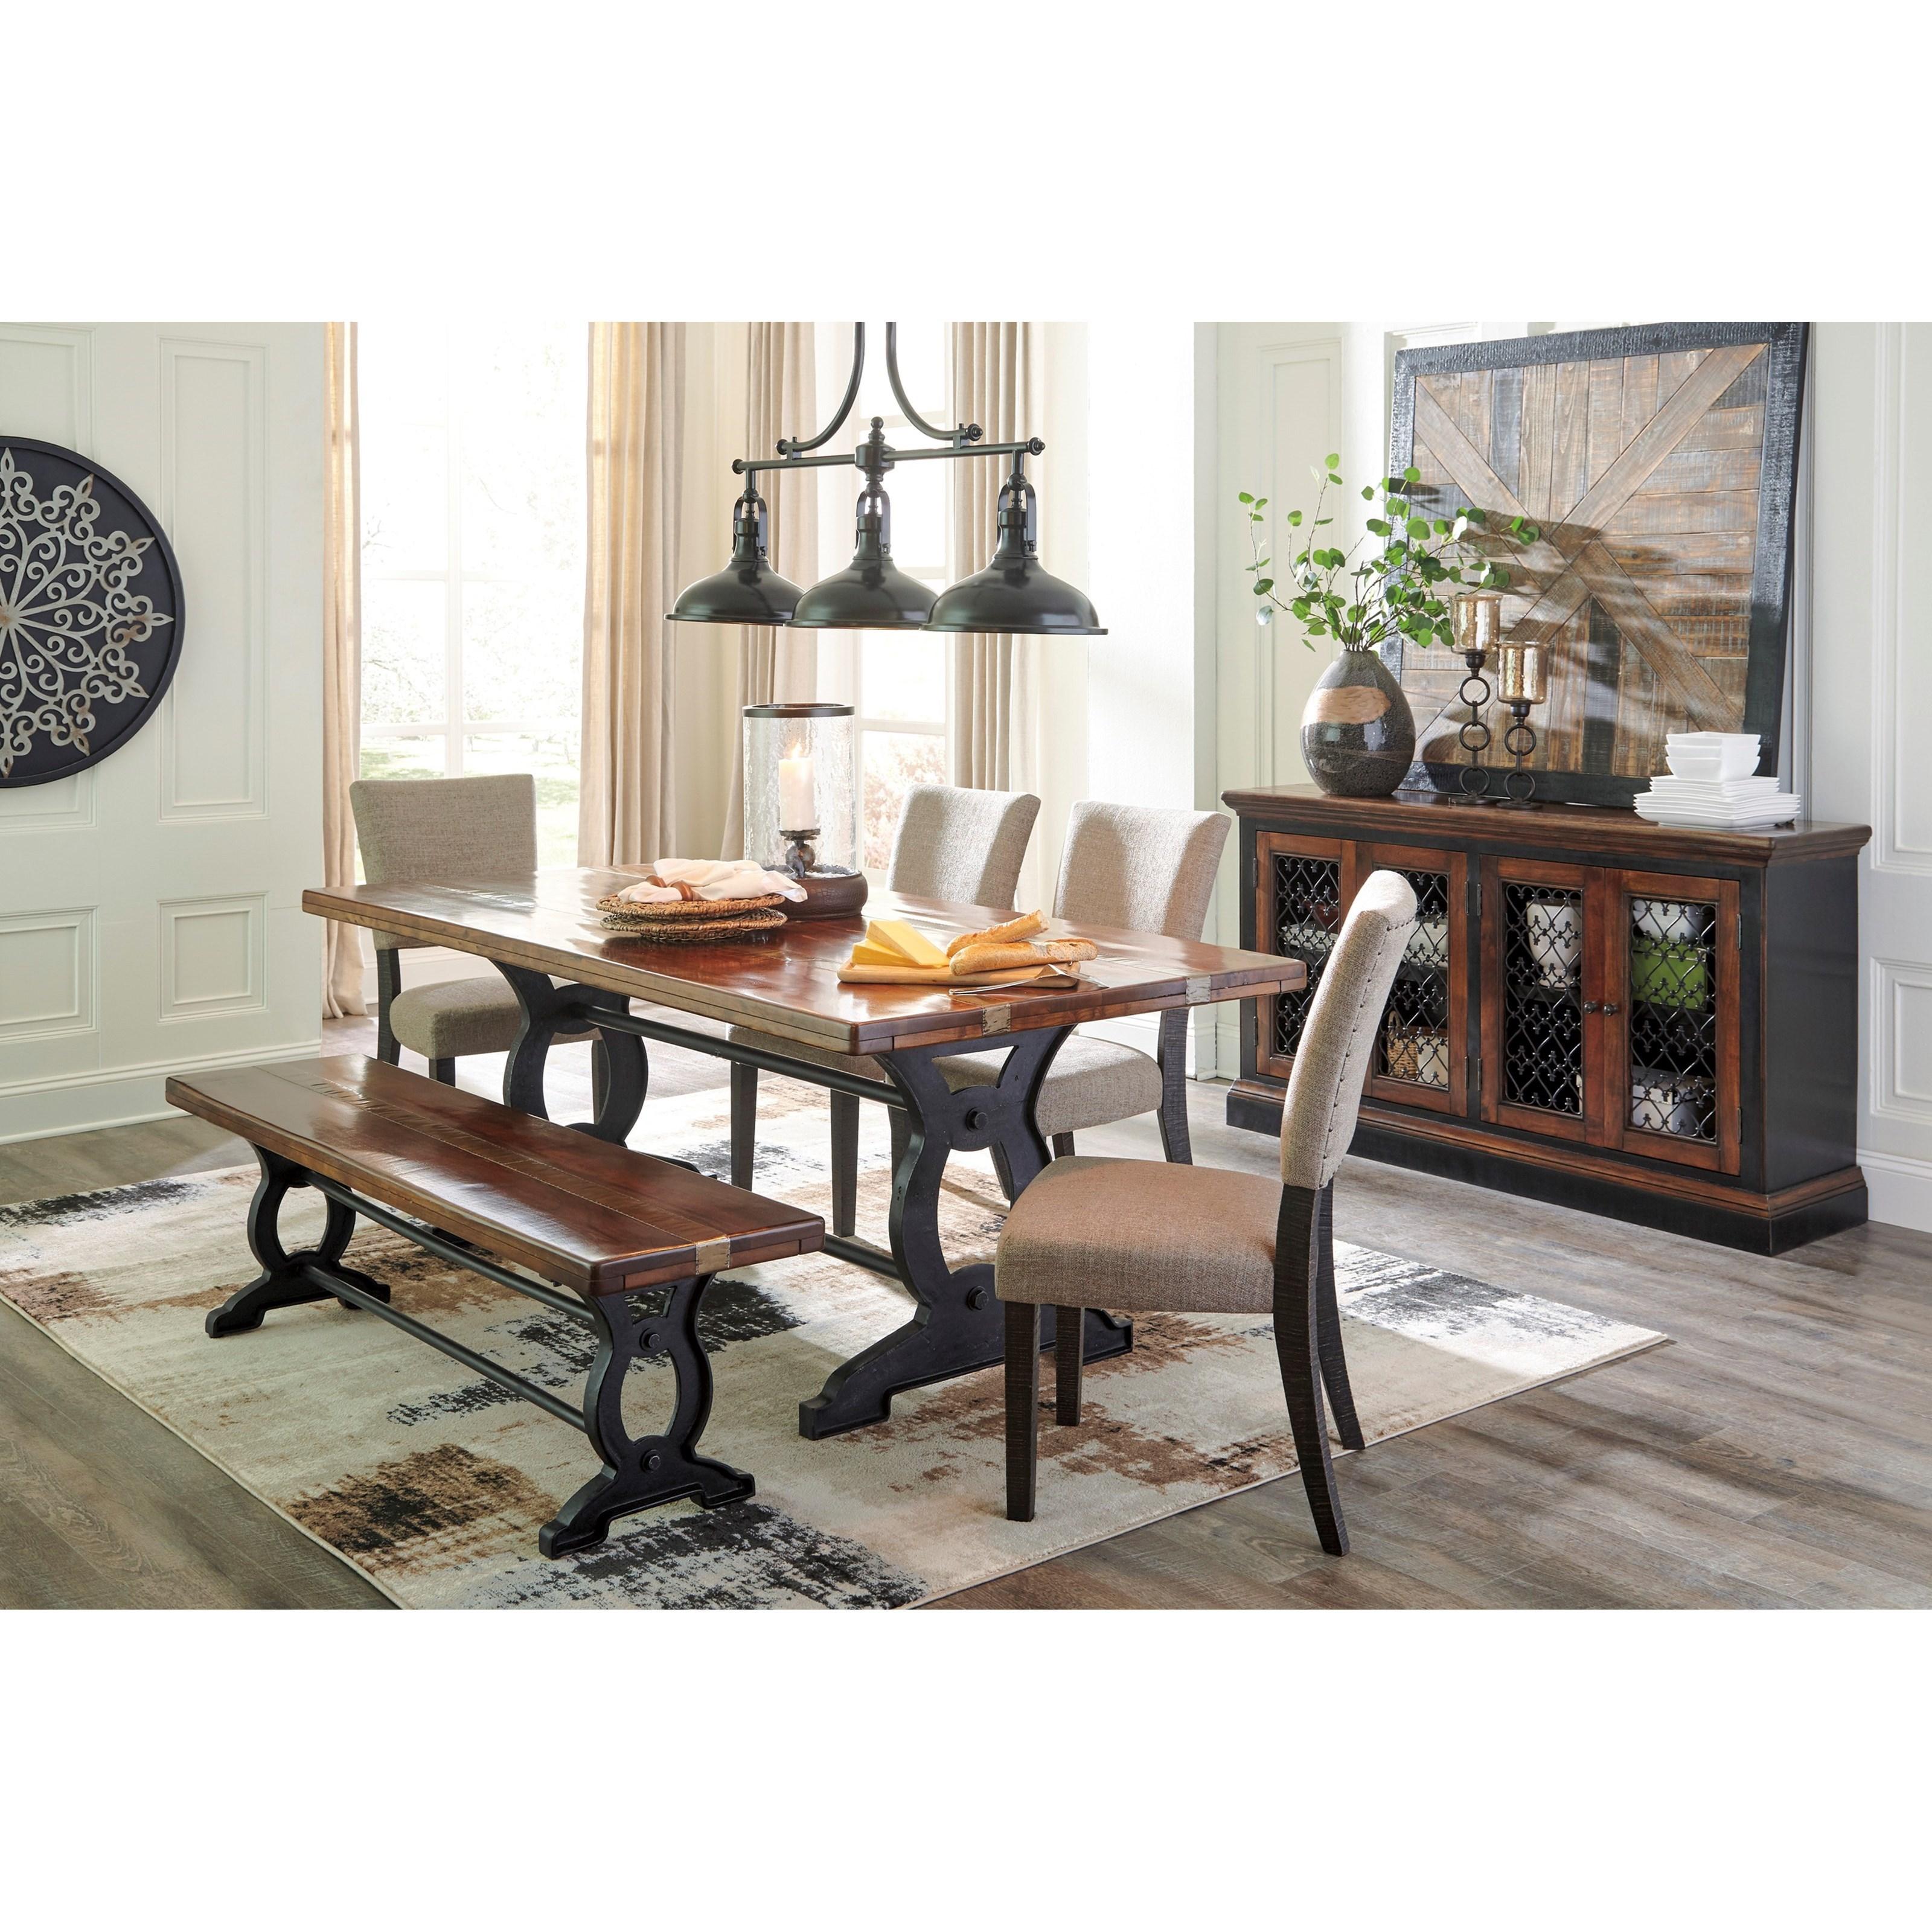 Signature Design By Ashley Zurani Casual Dining Room Group Rotmans Casual Dining Room Groups